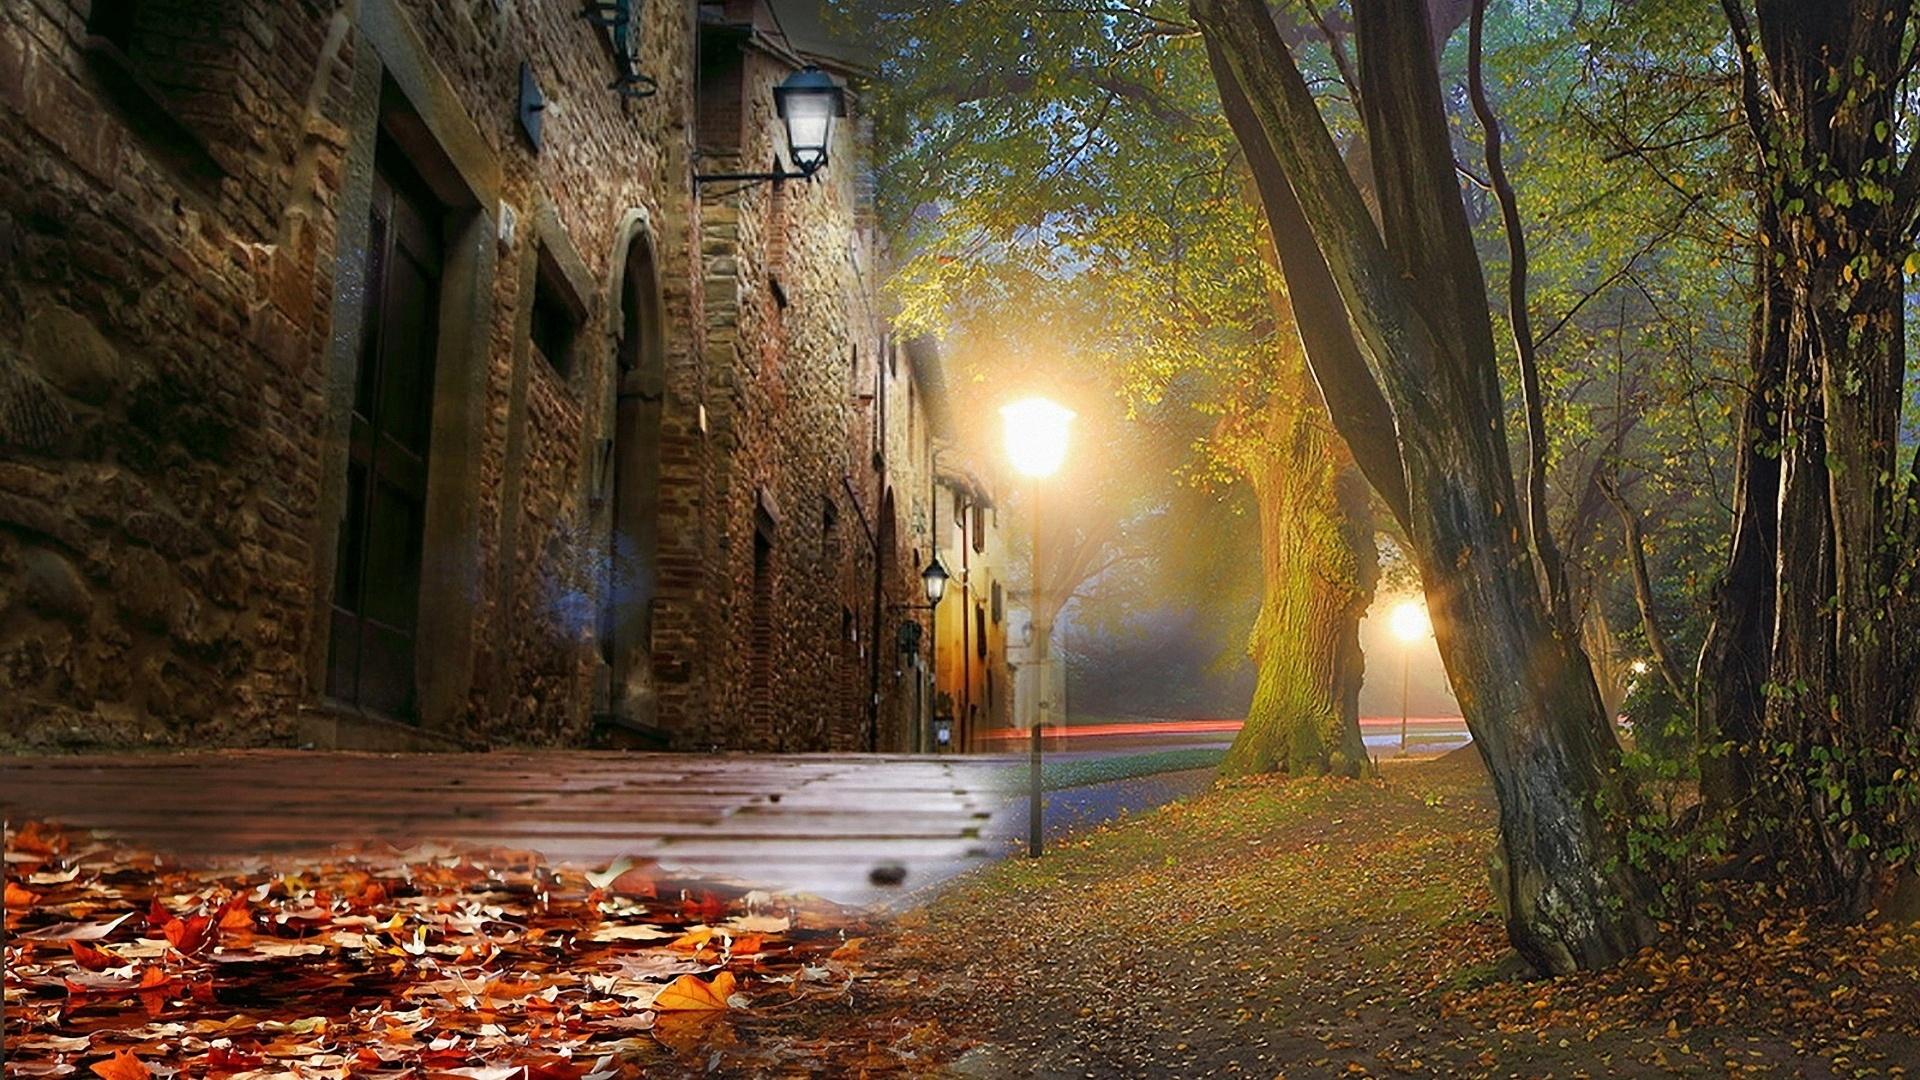 Lantern wallpaper photo hd